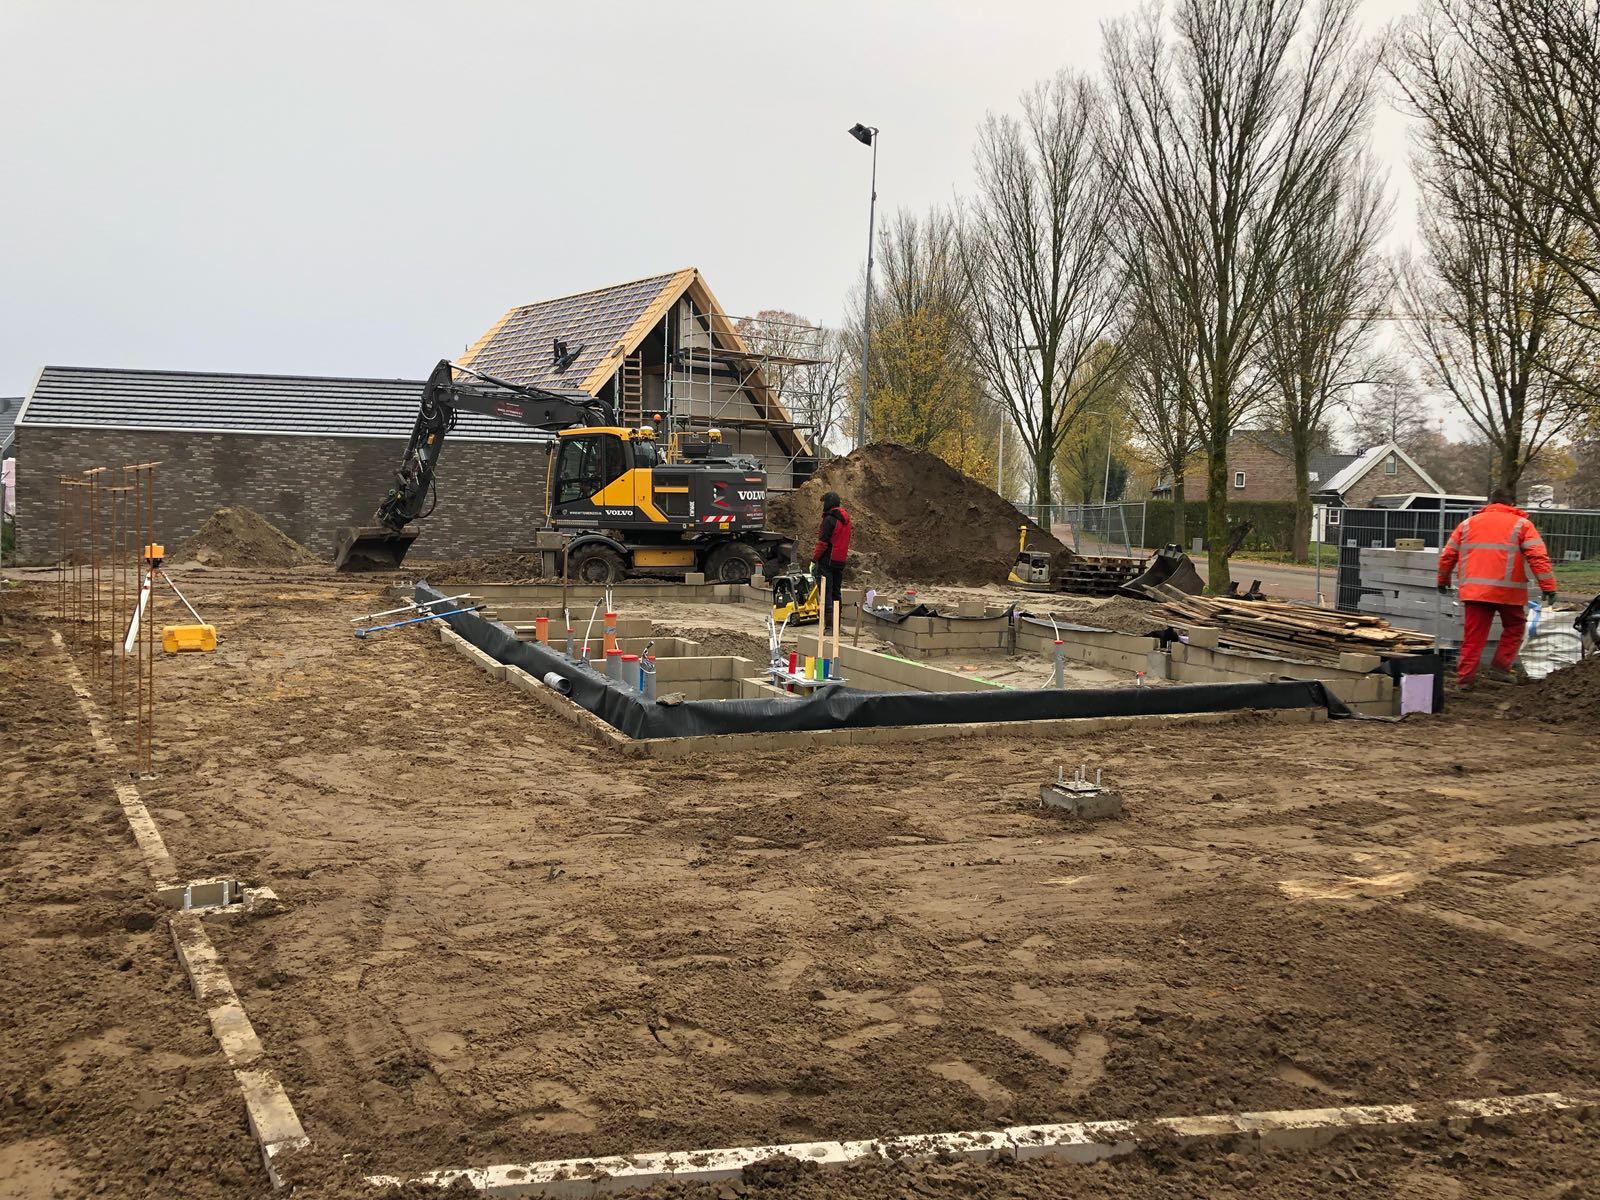 16-001_W. van Hout_Leidingwerk_20-02-2018